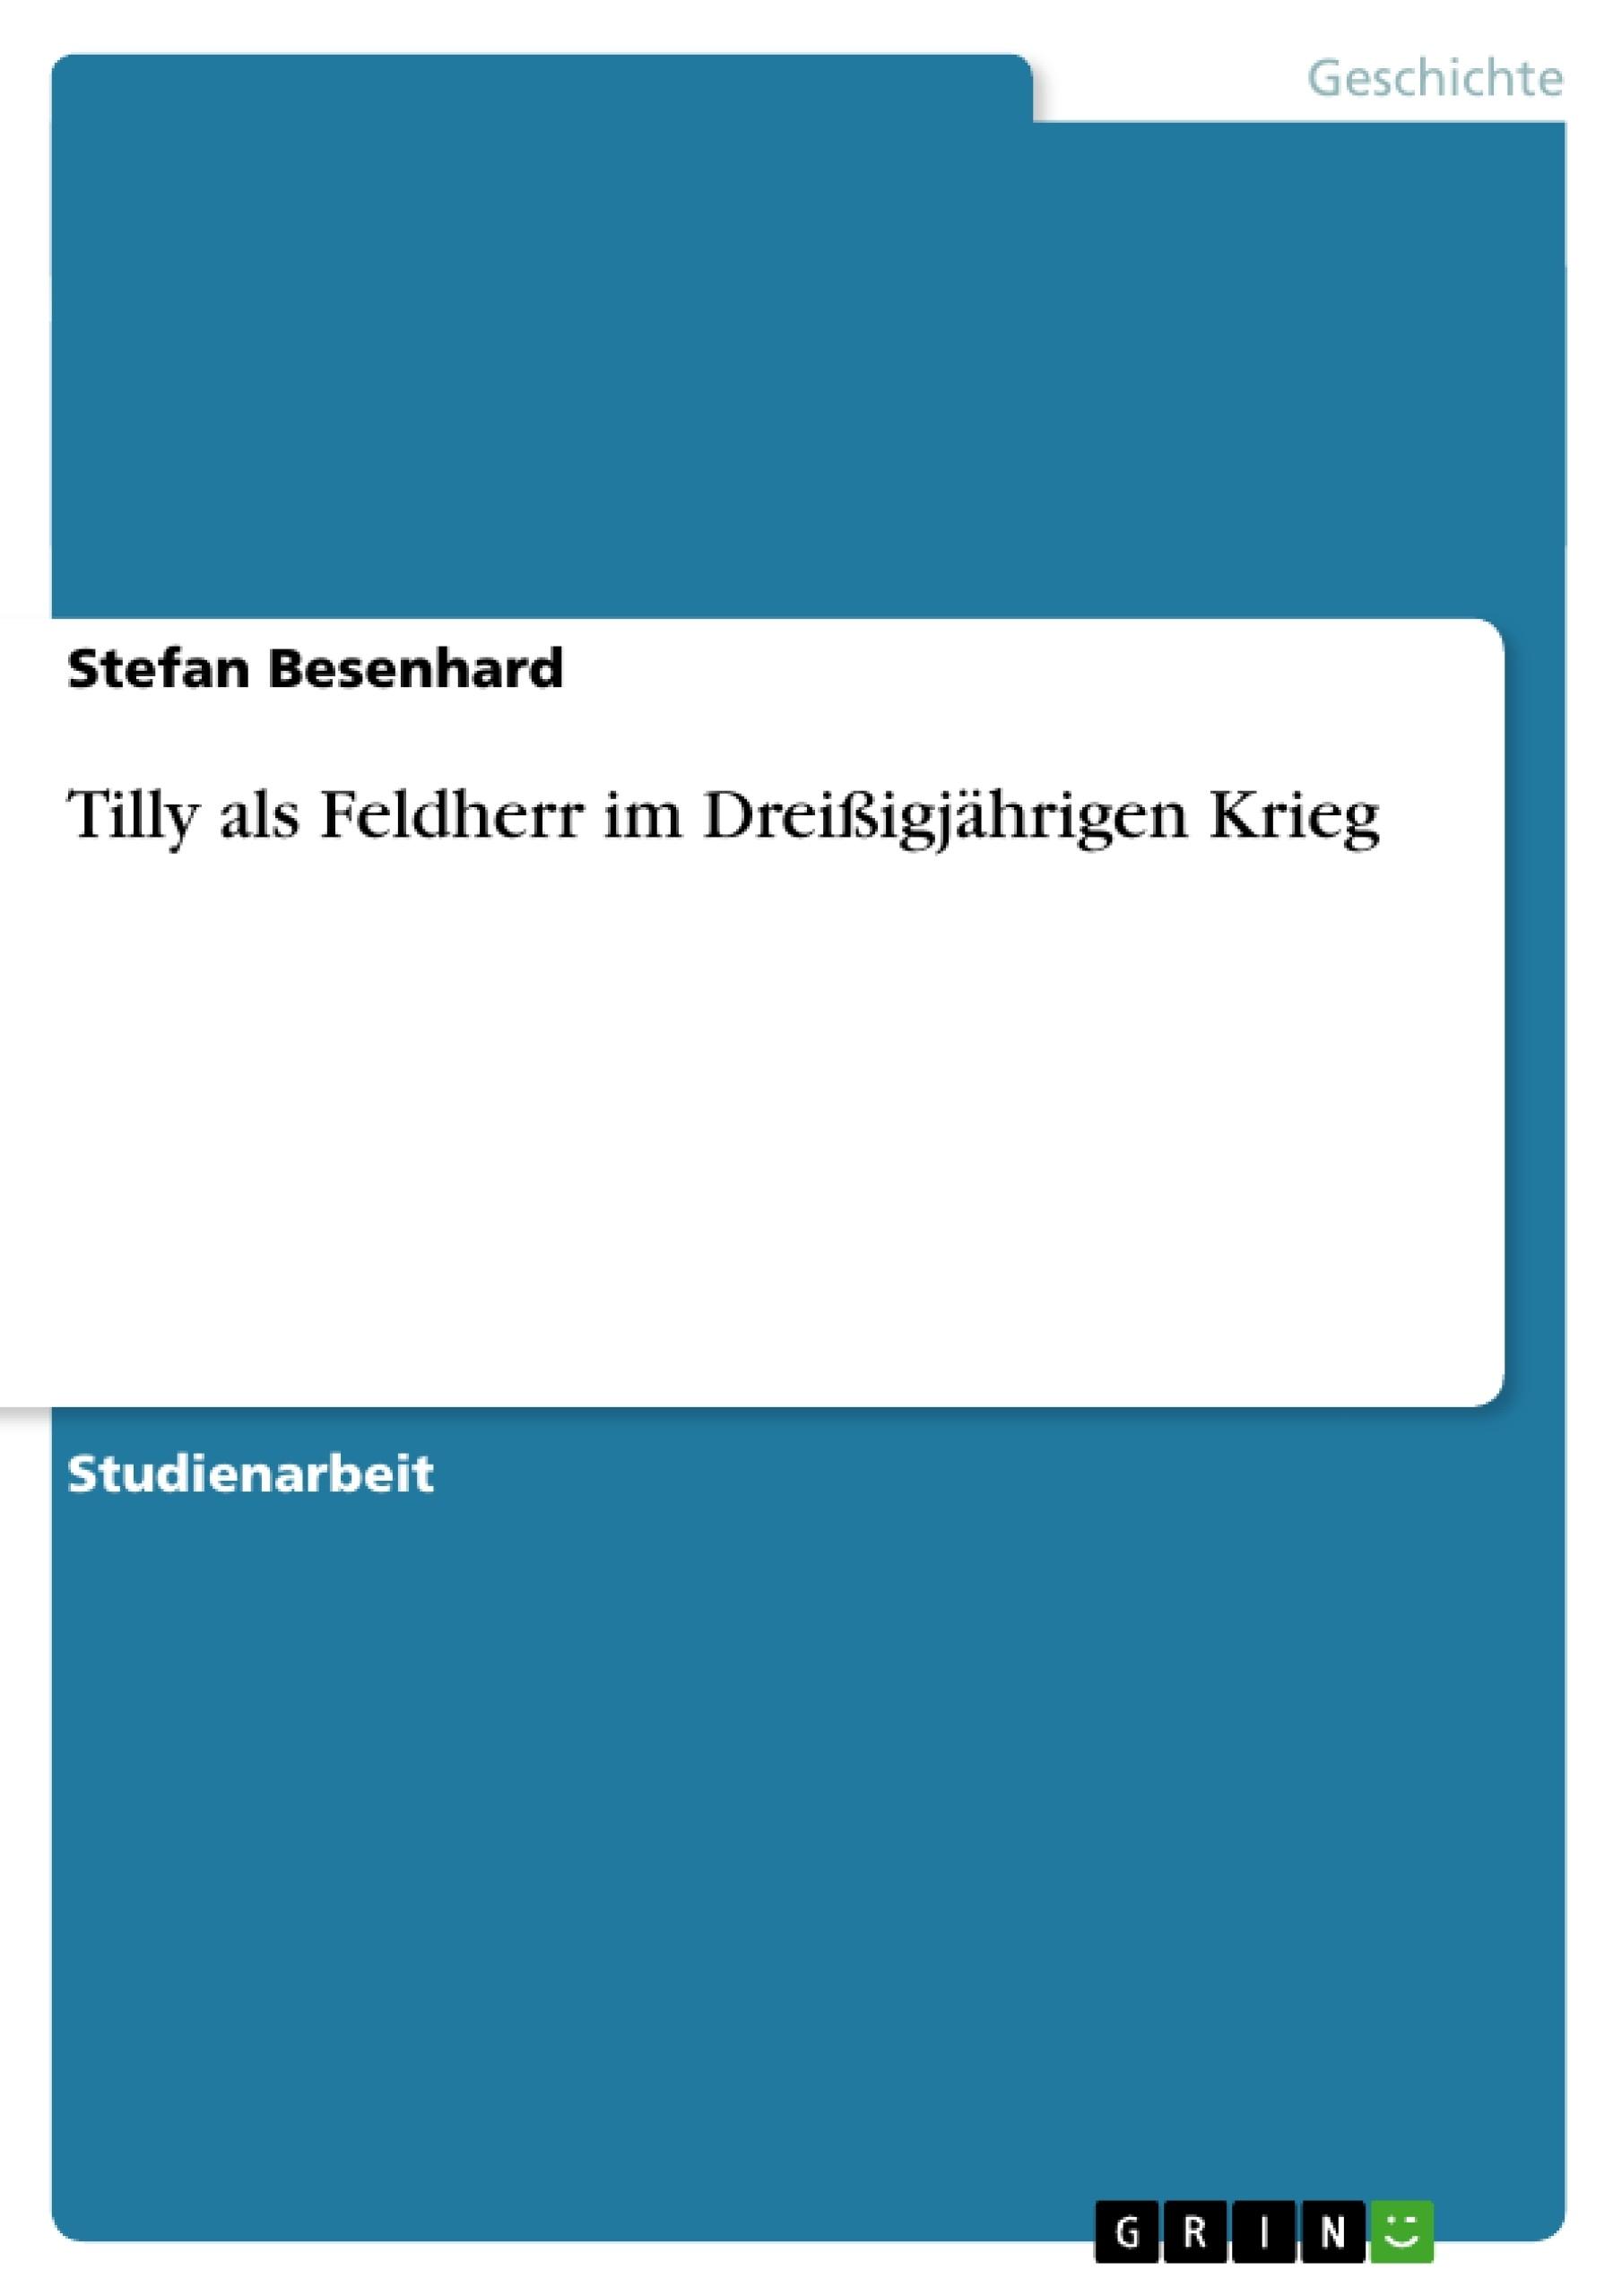 Titel: Tilly als Feldherr im Dreißigjährigen Krieg